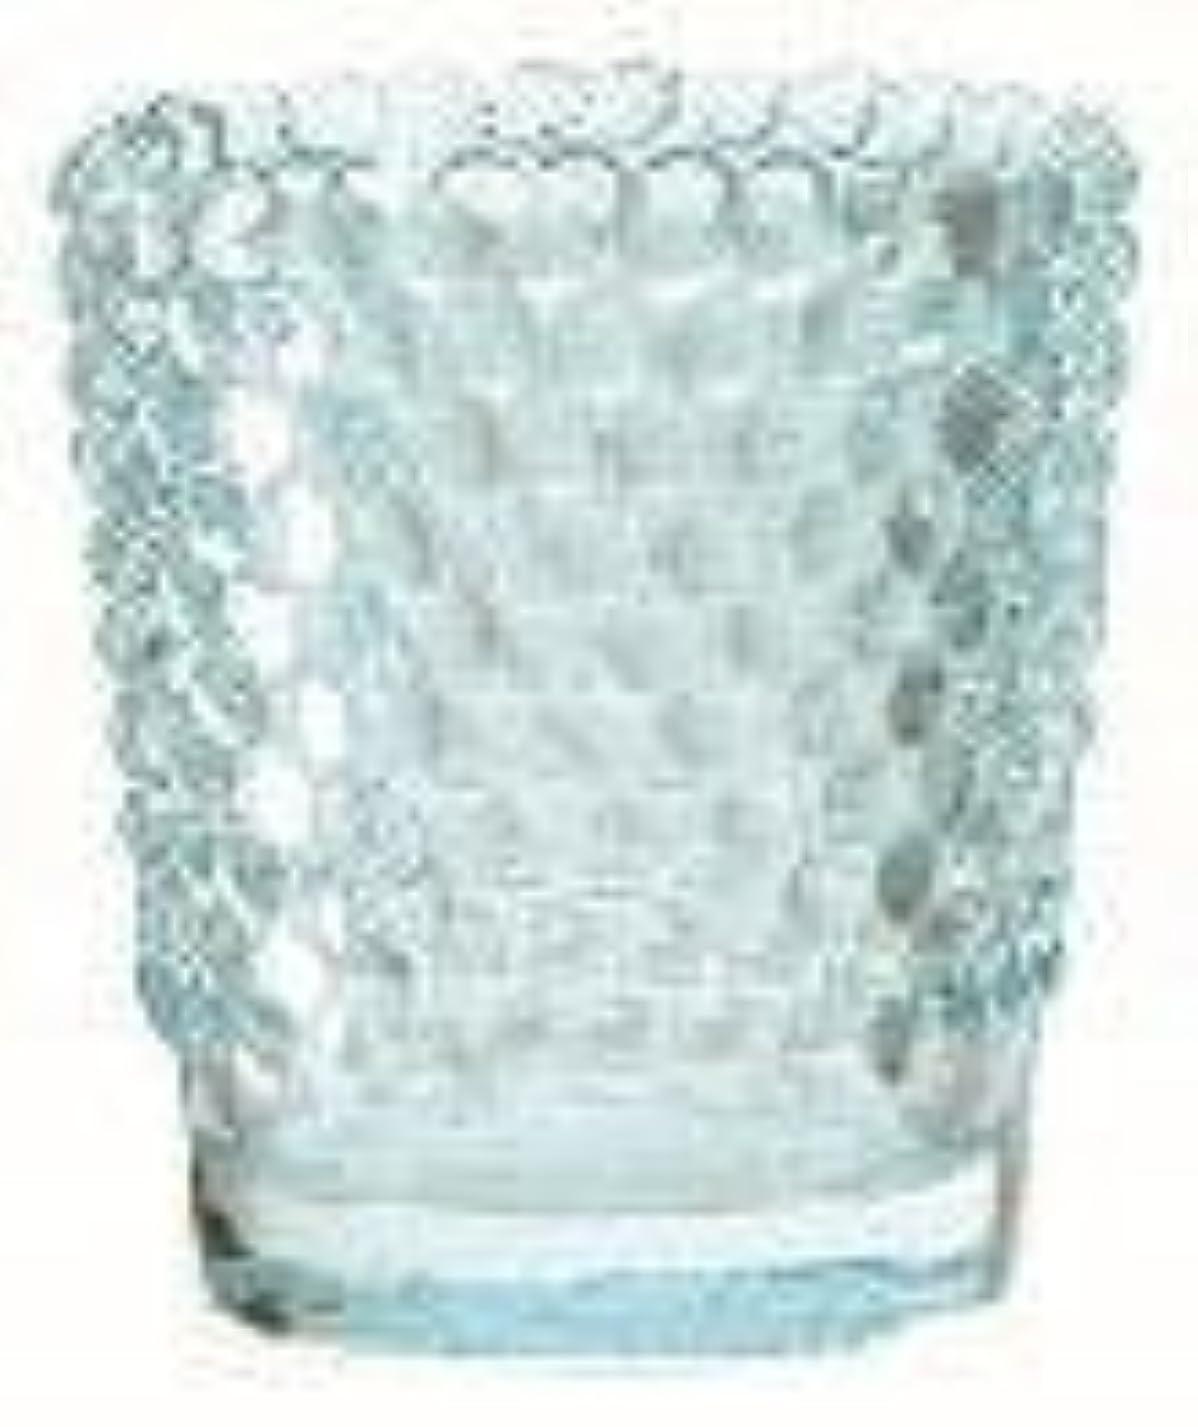 話をする満足具体的にカメヤマキャンドル(kameyama candle) ホビネルグラス 「 サファイア 」6個セット